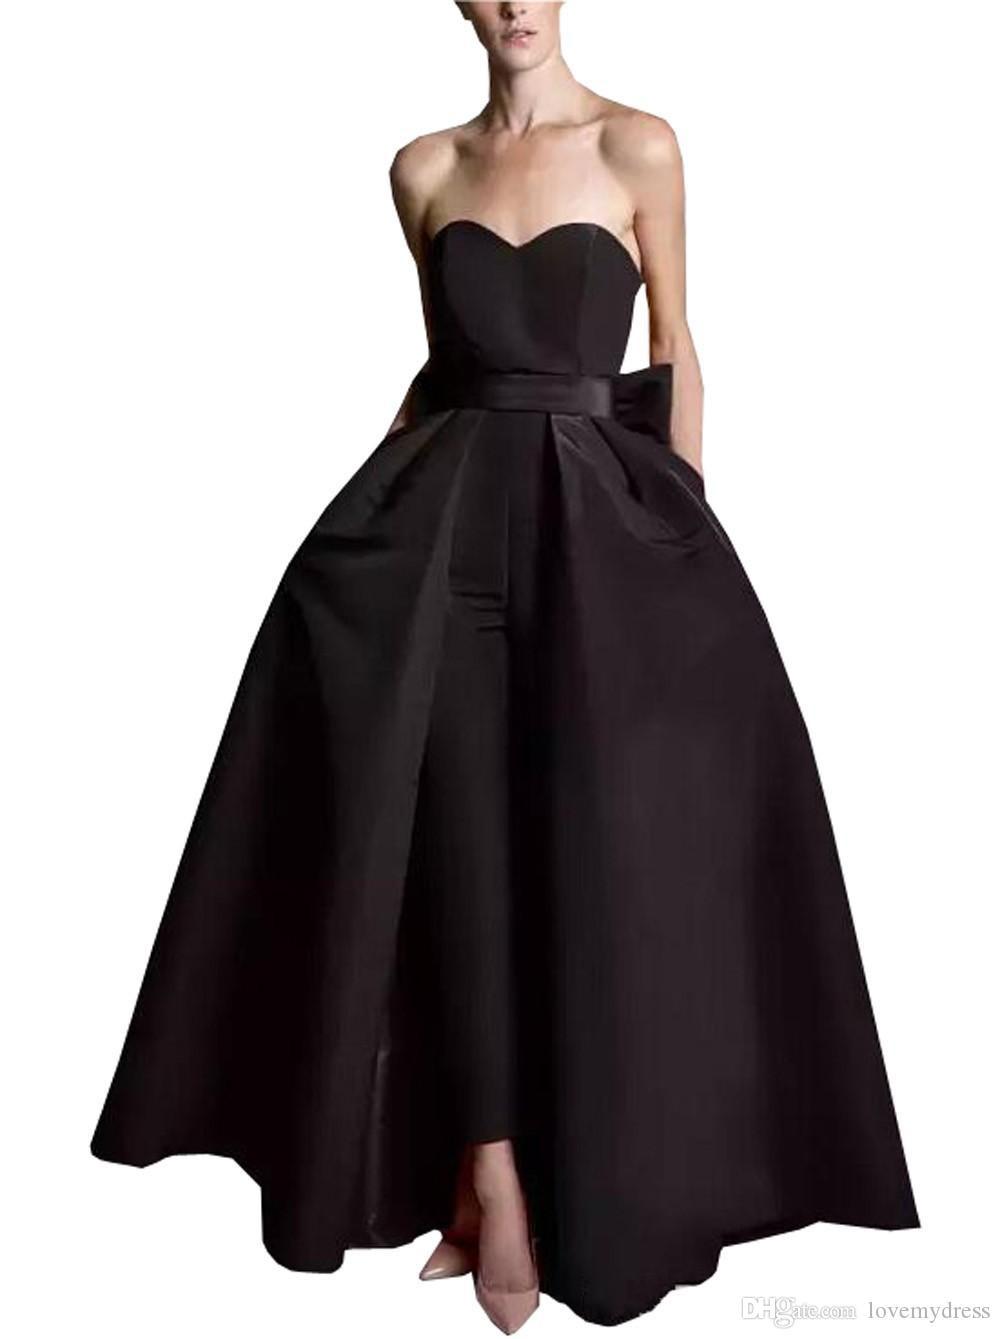 Abend Schön Abendkleider Nach Mass Bester Preis20 Genial Abendkleider Nach Mass Spezialgebiet